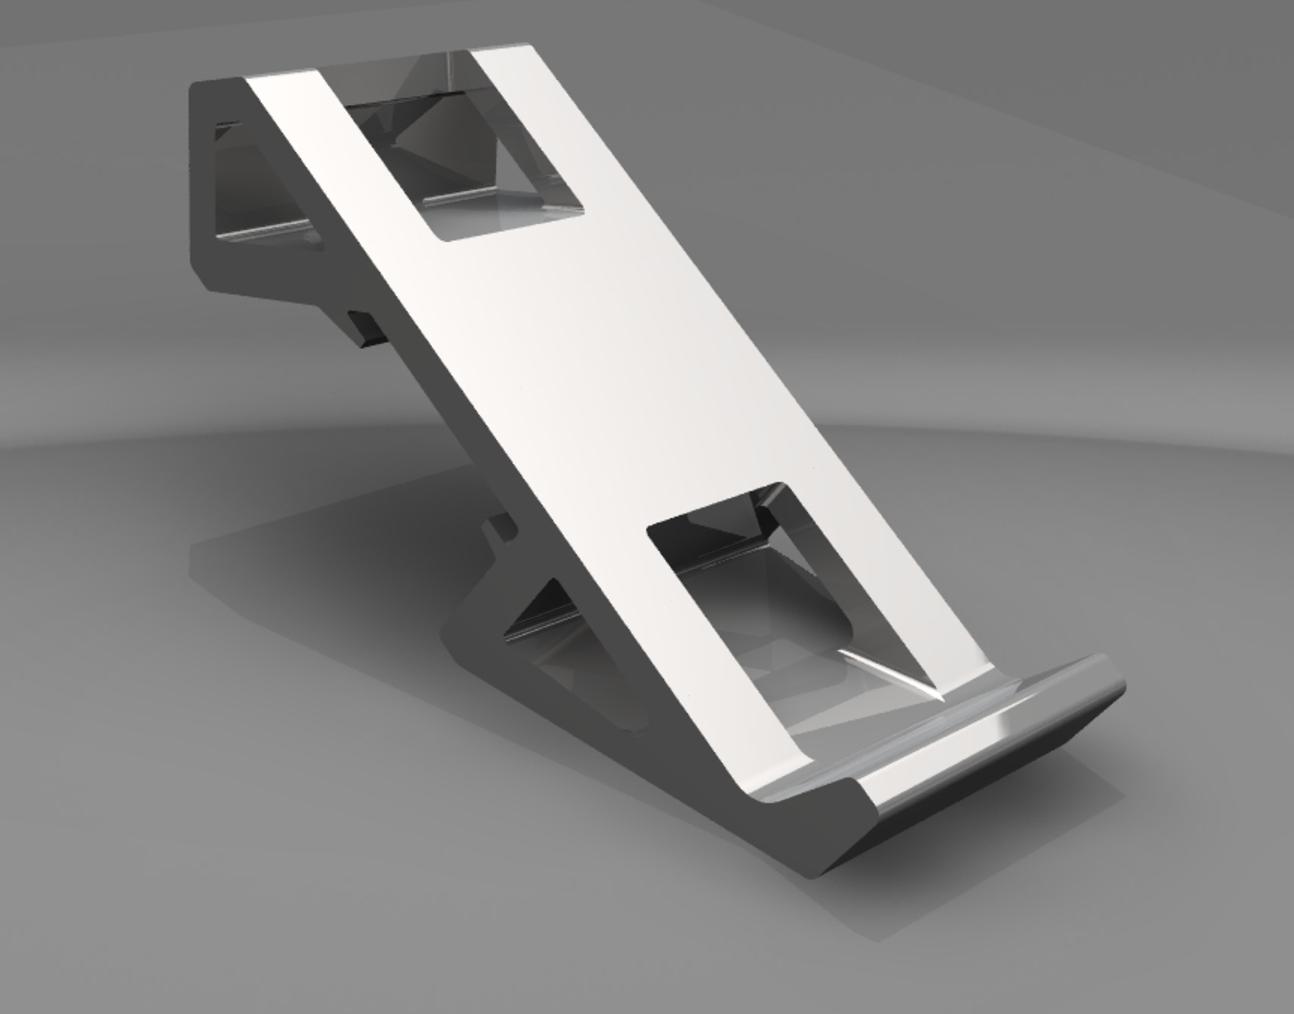 Capture d'écran 2017-06-02 à 14.17.16.png Télécharger fichier STL gratuit Lipo Protector 30 degré • Design à imprimer en 3D, bromego